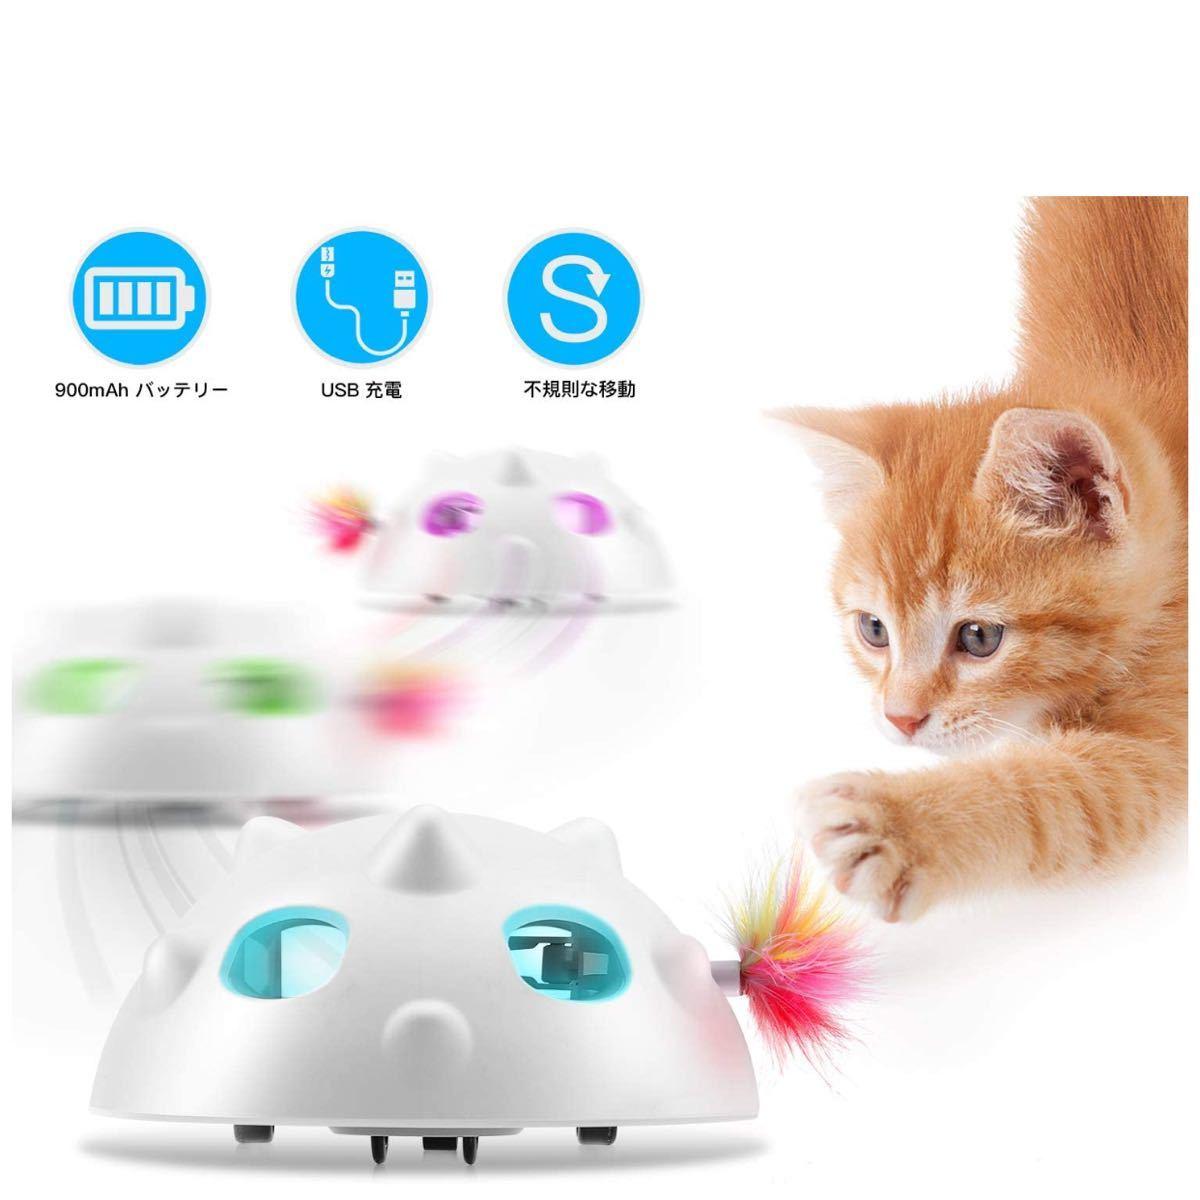 猫 おもちゃ 電動 猫じゃらし ペットおもちゃ ET型 電動猫用おもちゃ